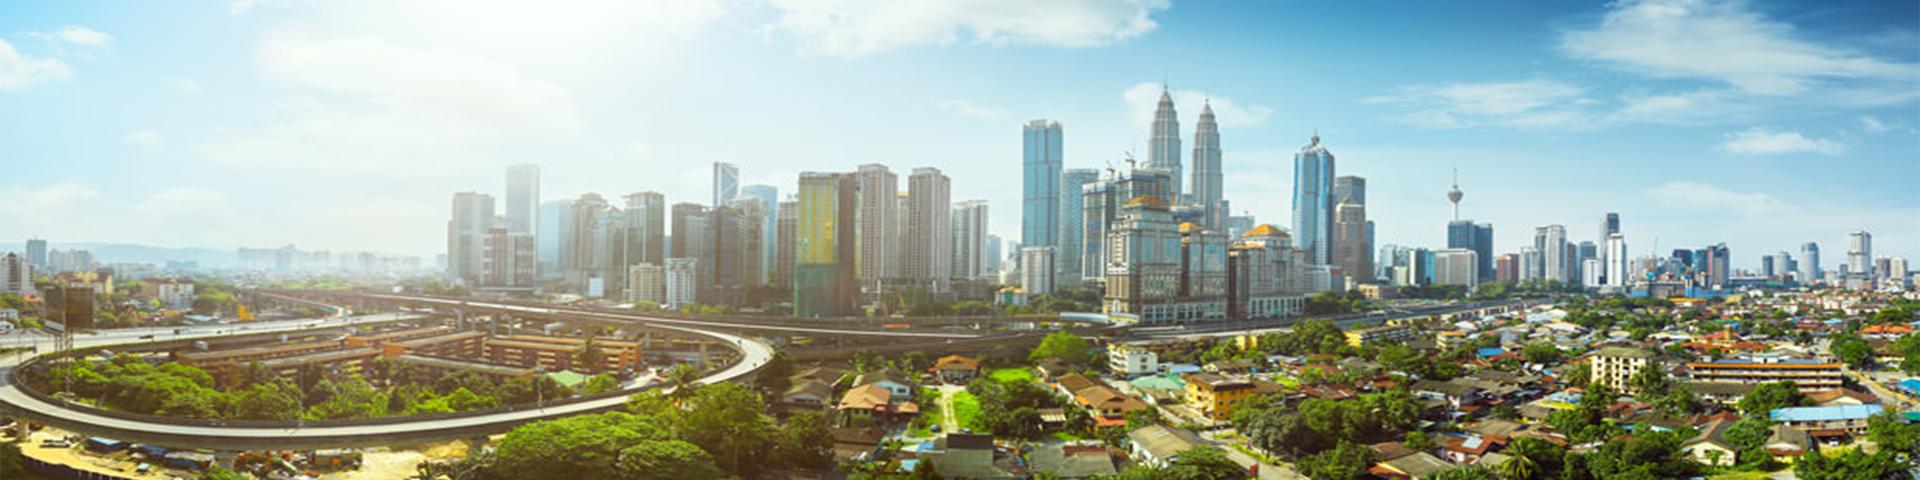 تور کوالالامپور همیشه سفر